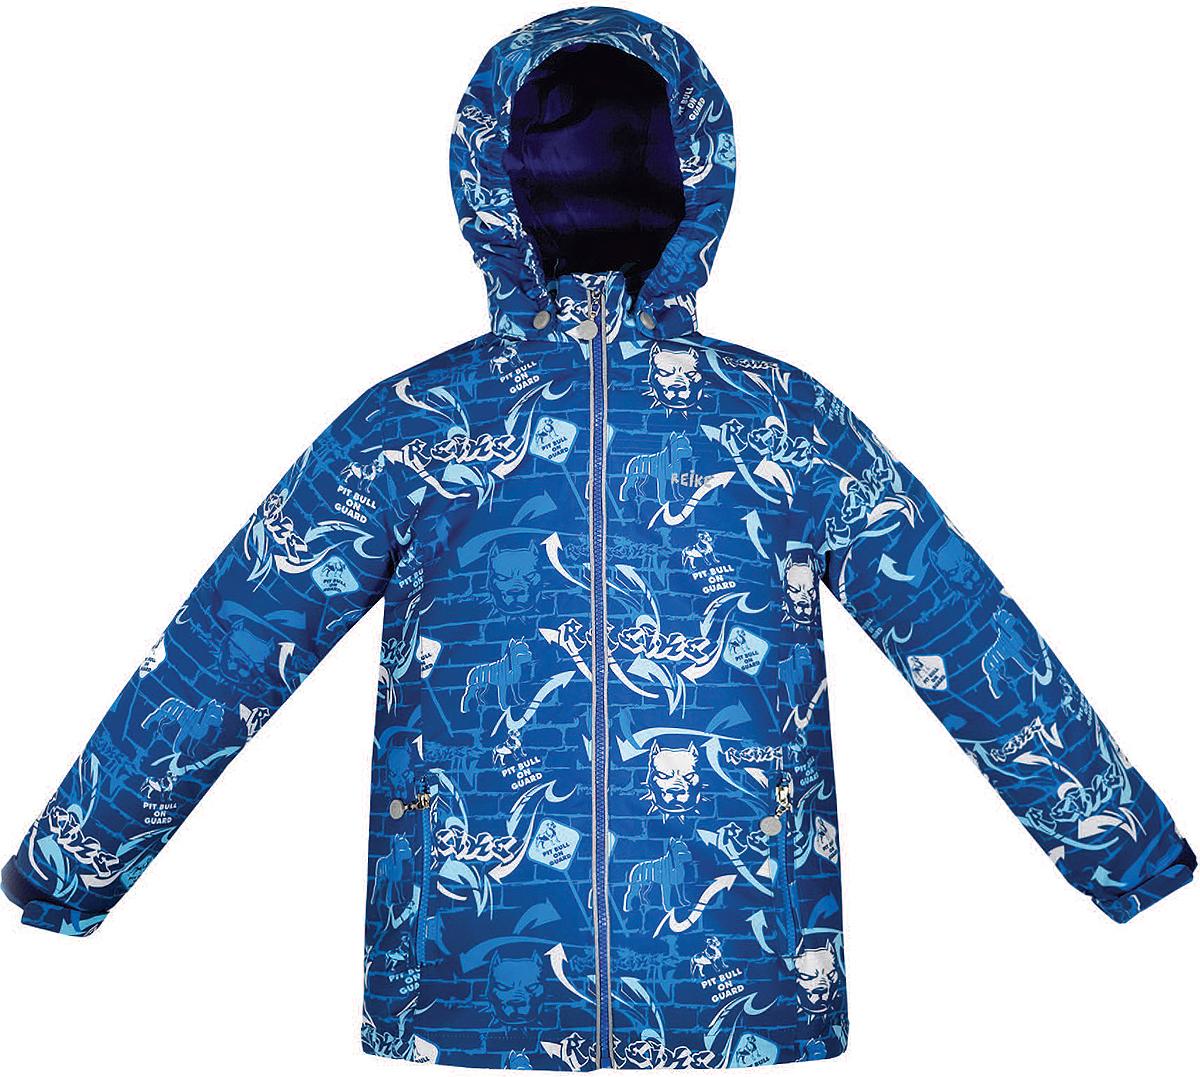 Куртка36 941 220_Pitbull blueСтильная куртка для мальчика Reike Питбуль выполнена из ветрозащитного, водоотталкивающего и дышащего мембранного материала с подкладкой из микрофлиса. Модель с воротником-стойкой, защищающим от ветра, застегивается на молнию с защитой подбородка и оформлена молодежным принтом в стиле серии. Манжеты рукавов на резинке дополнительно регулируются с помощью липучек. Модель дополнена съемным капюшоном, утянутым резинкой, двумя прорезными карманами на молниях и светоотражающими элементами на спине. Особенности изделия: - базовый уровень; - коэффициент воздухопроницаемости: 2000гр/м2/24 ч; - водоотталкивающее покрытие: 2000 мм.